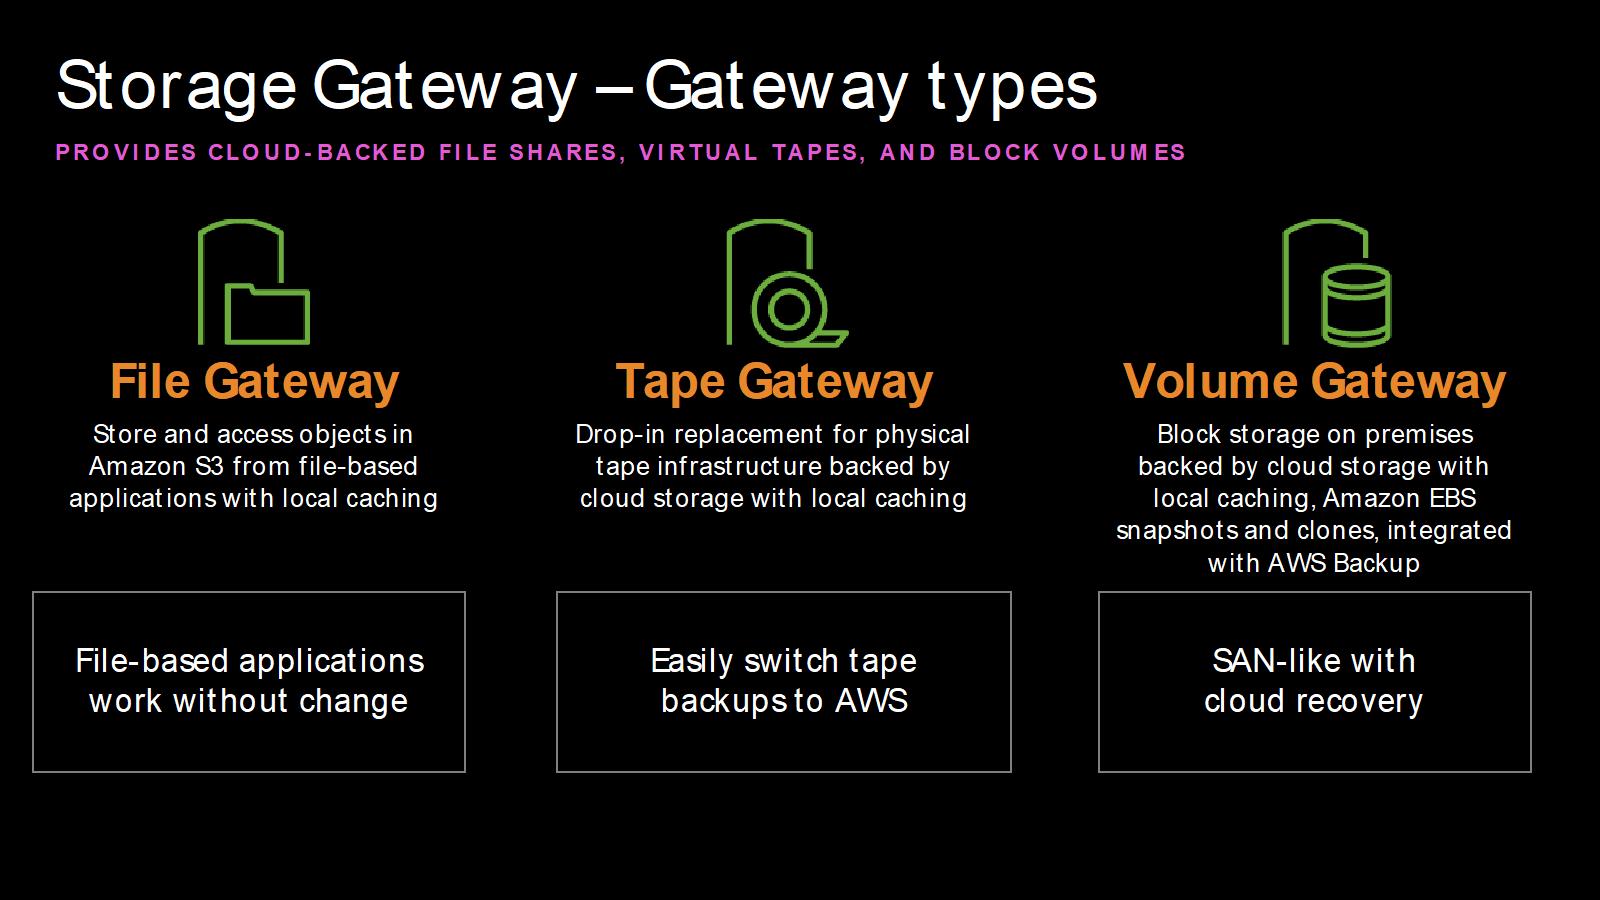 AWS Storage Gateway - Gateway Types - File Fateway, Tape Gateway, and Volume Gateway